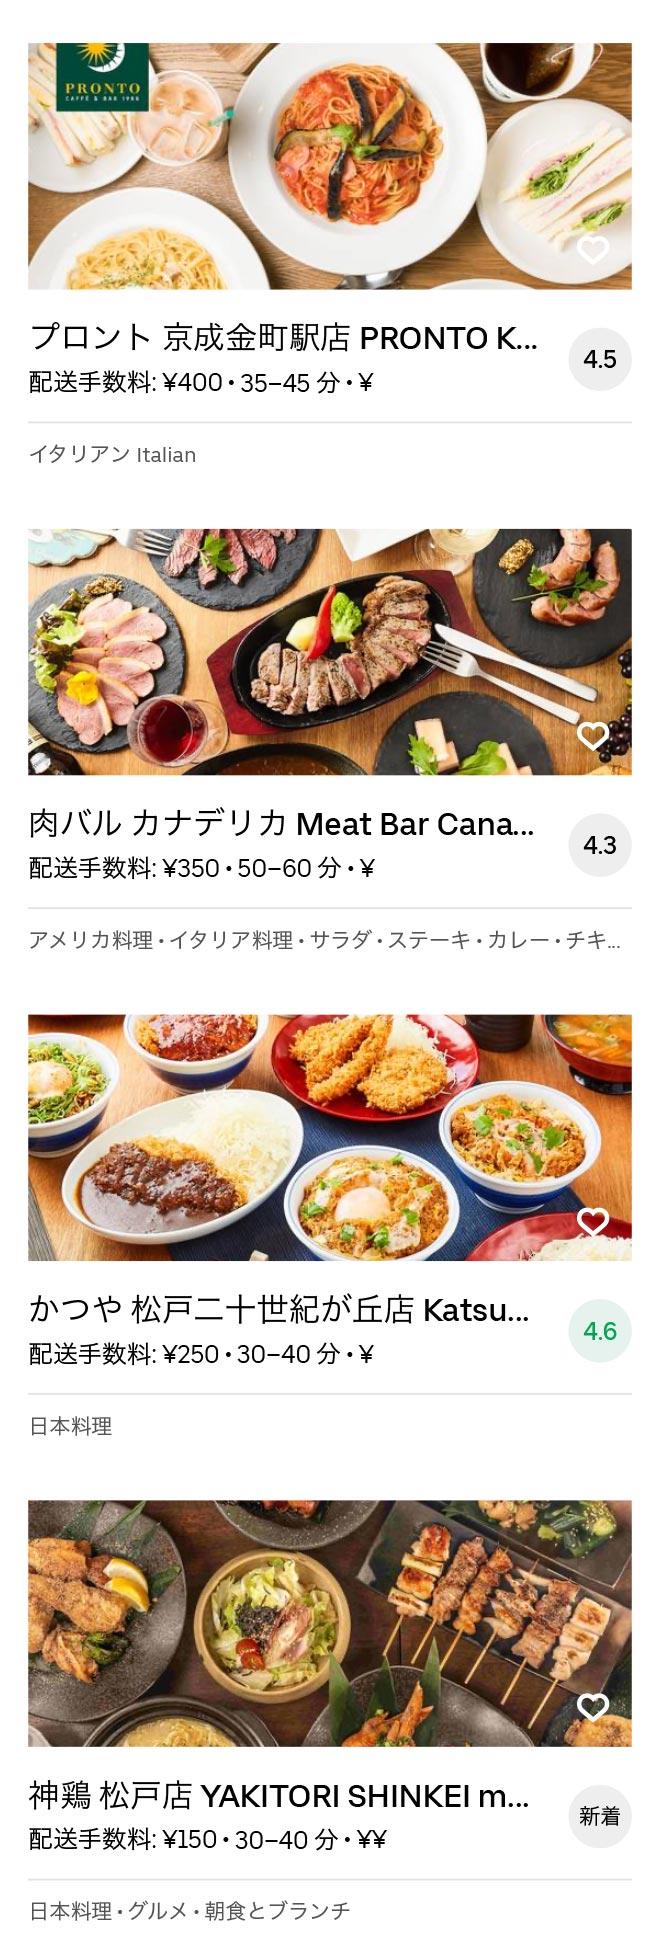 Matsudo menu 2007 08